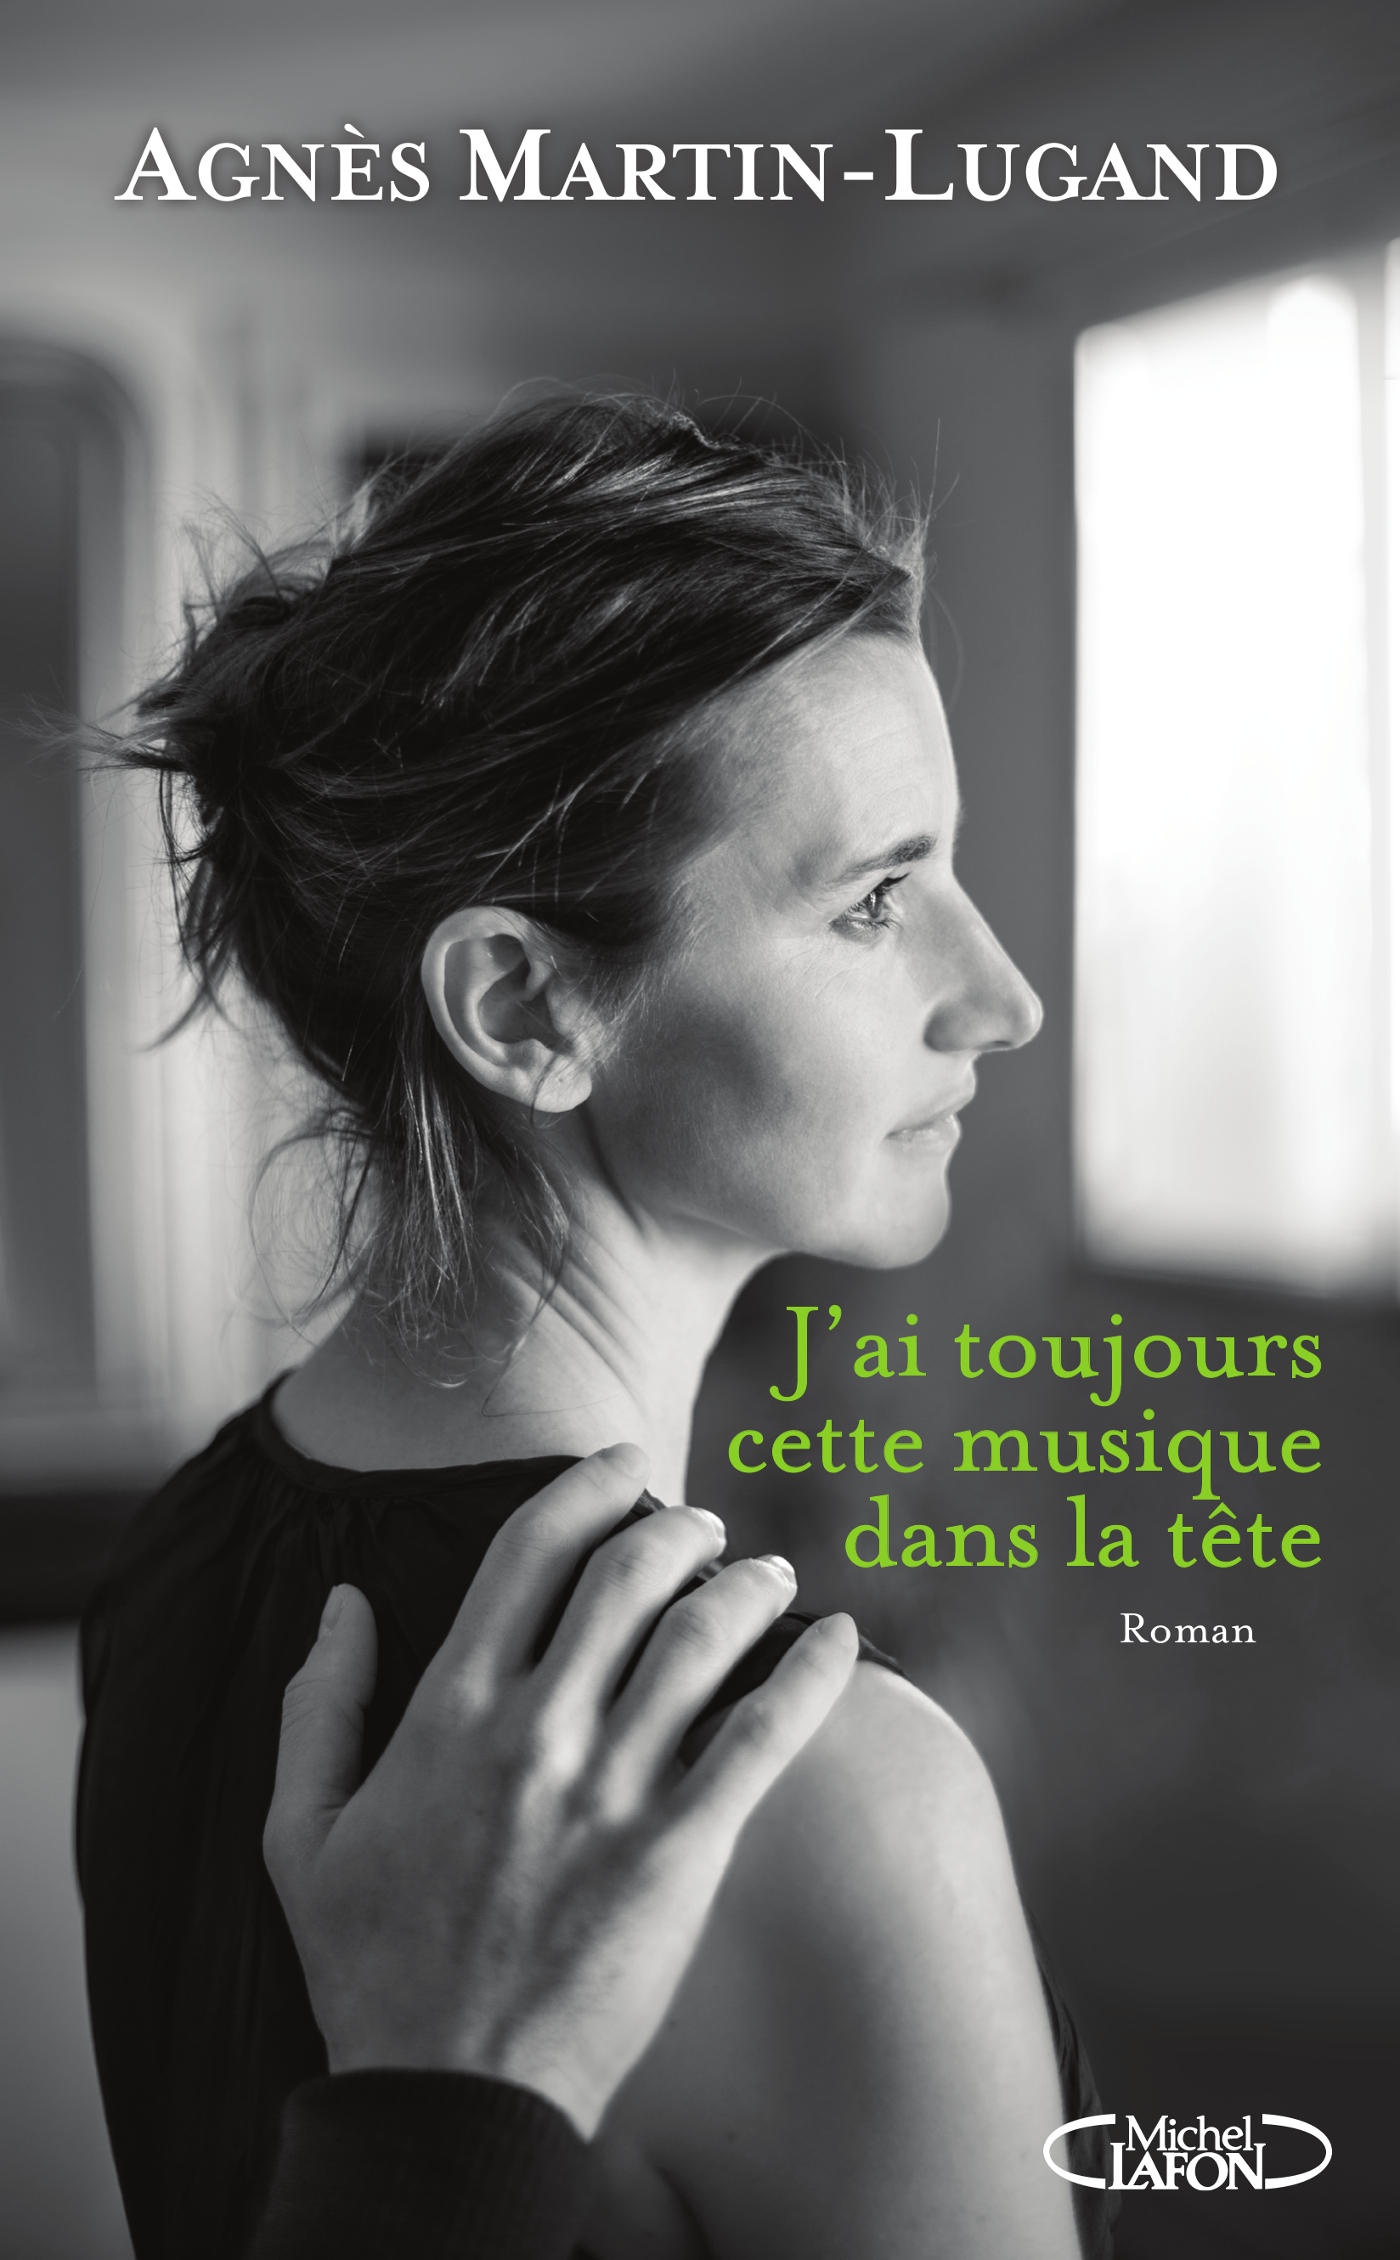 Agnès Martin Lugand - Couverture Grand Format - J'ai toujours cette musique dans la tête